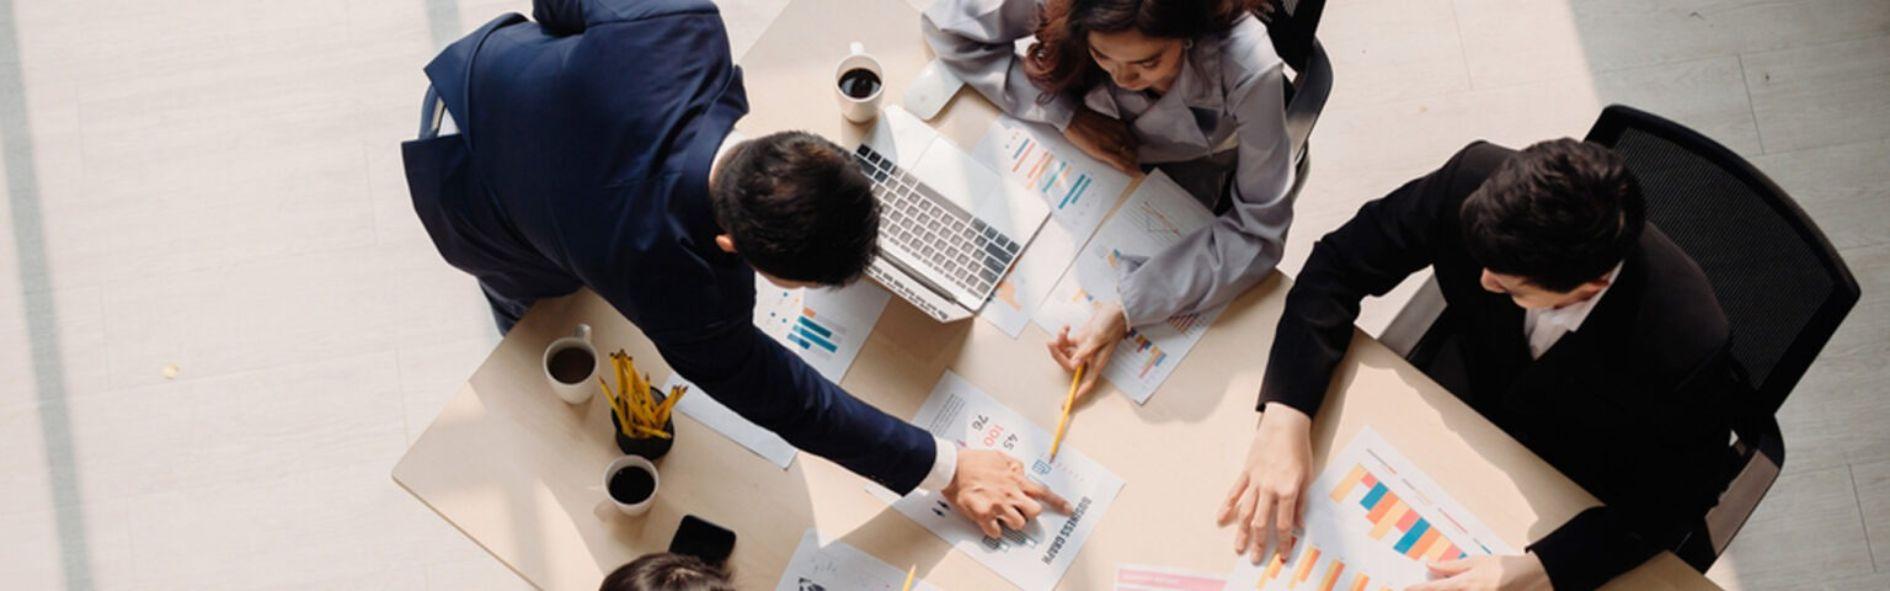 Descubre el microentorno de una empresa y qué factores influyen en él